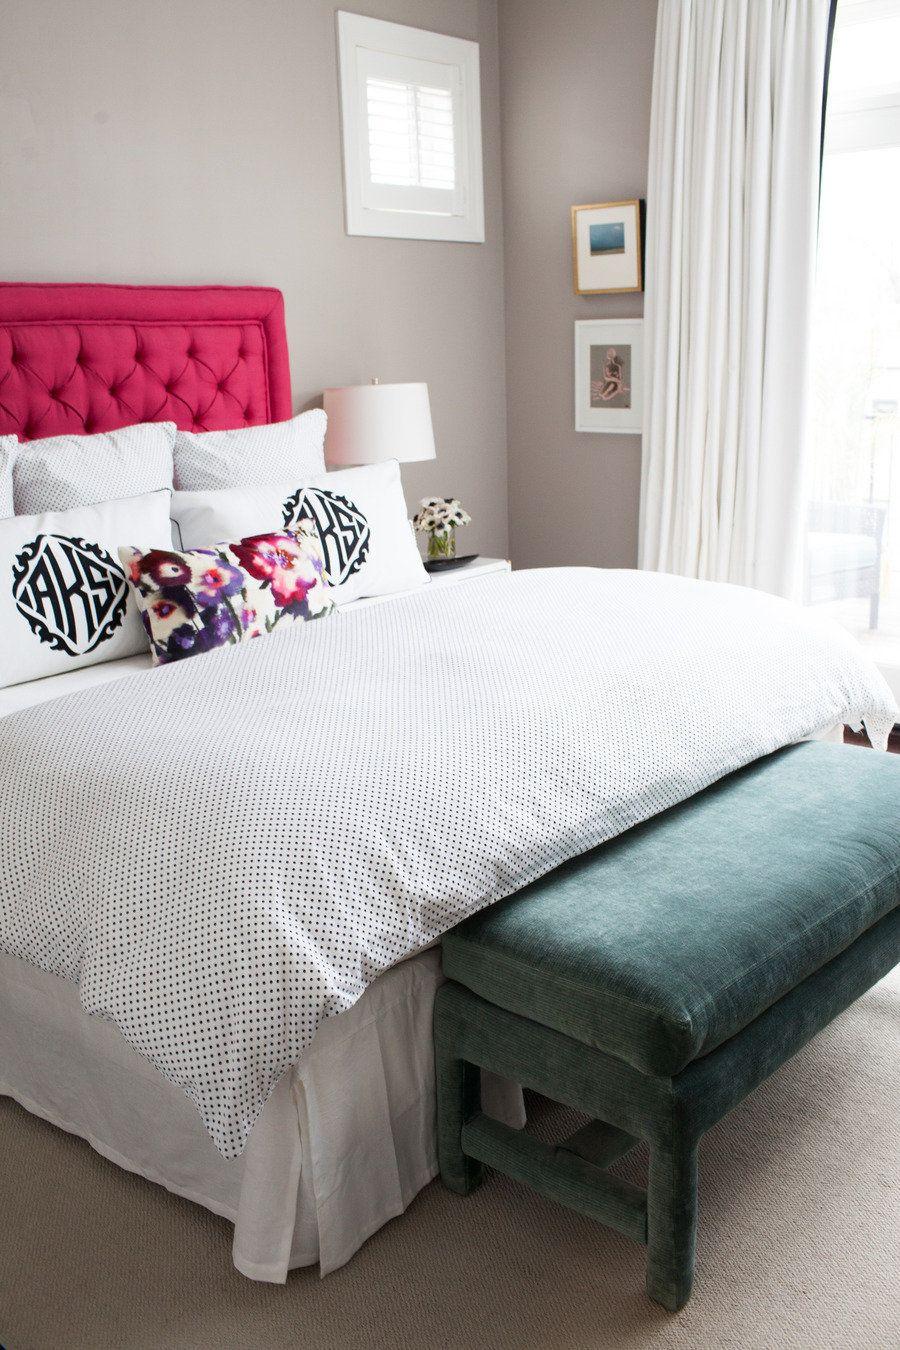 Best Alexandra Kaehlers Pink Black Bedroom In 2020 Home 400 x 300